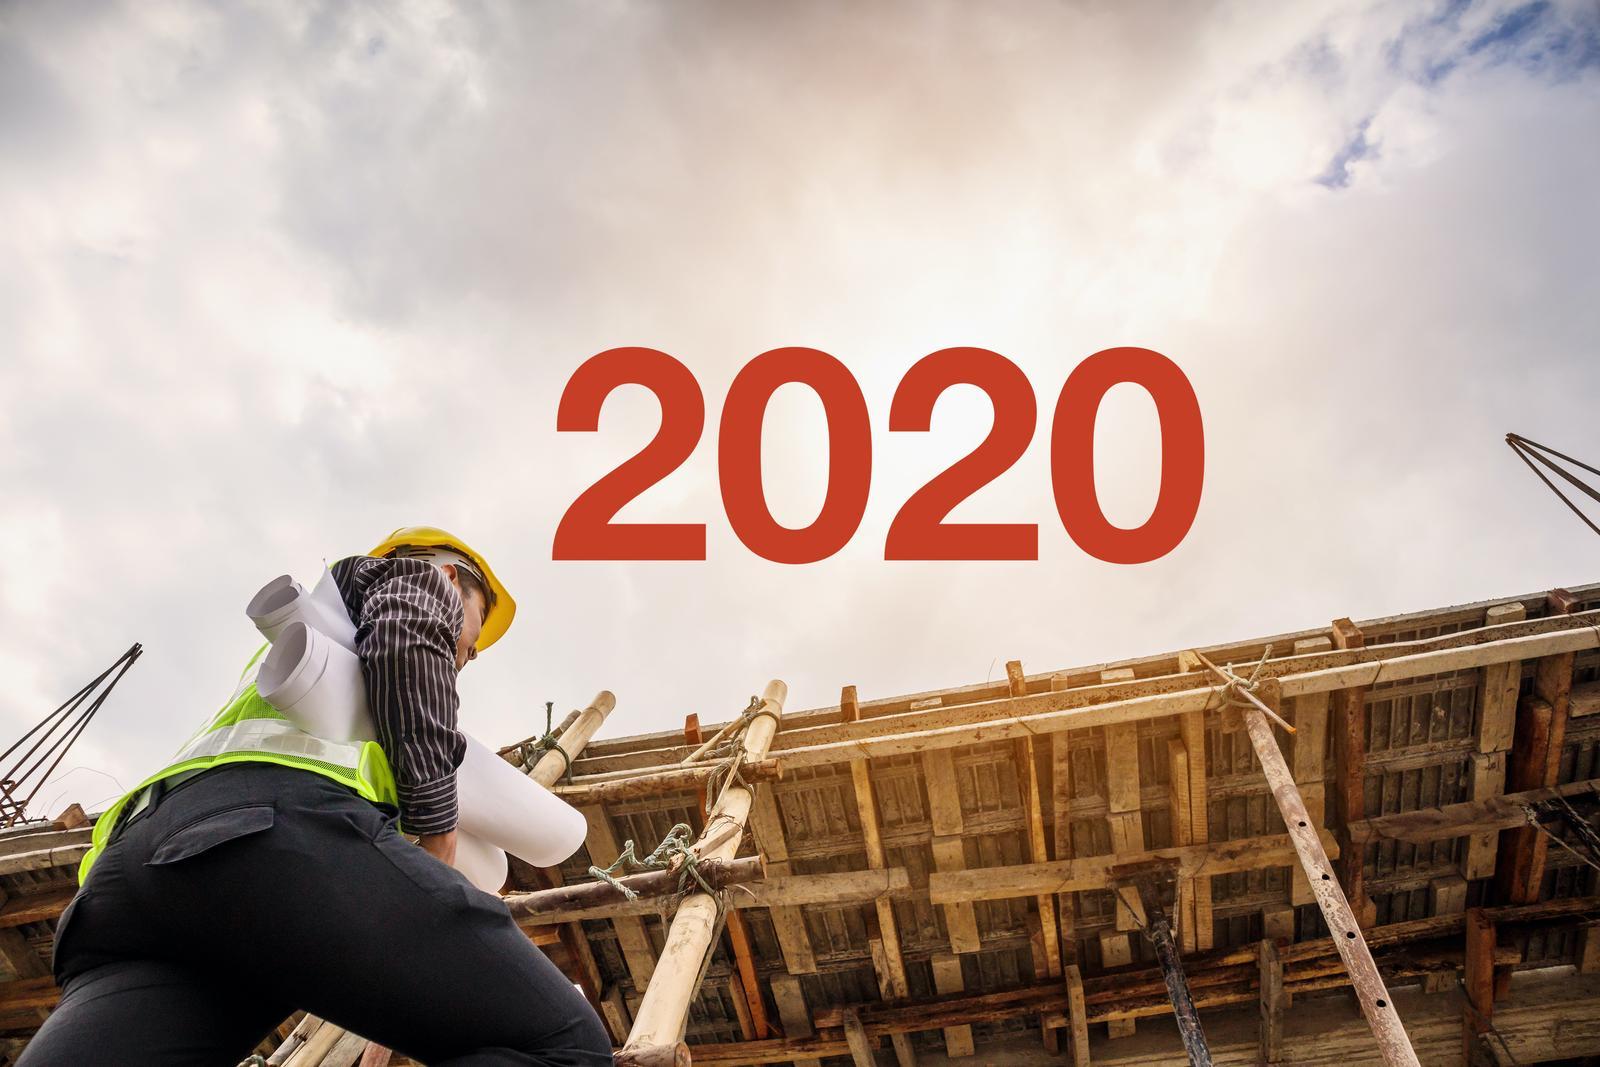 V roku 2020 začíname stavať - Fotka skupiny